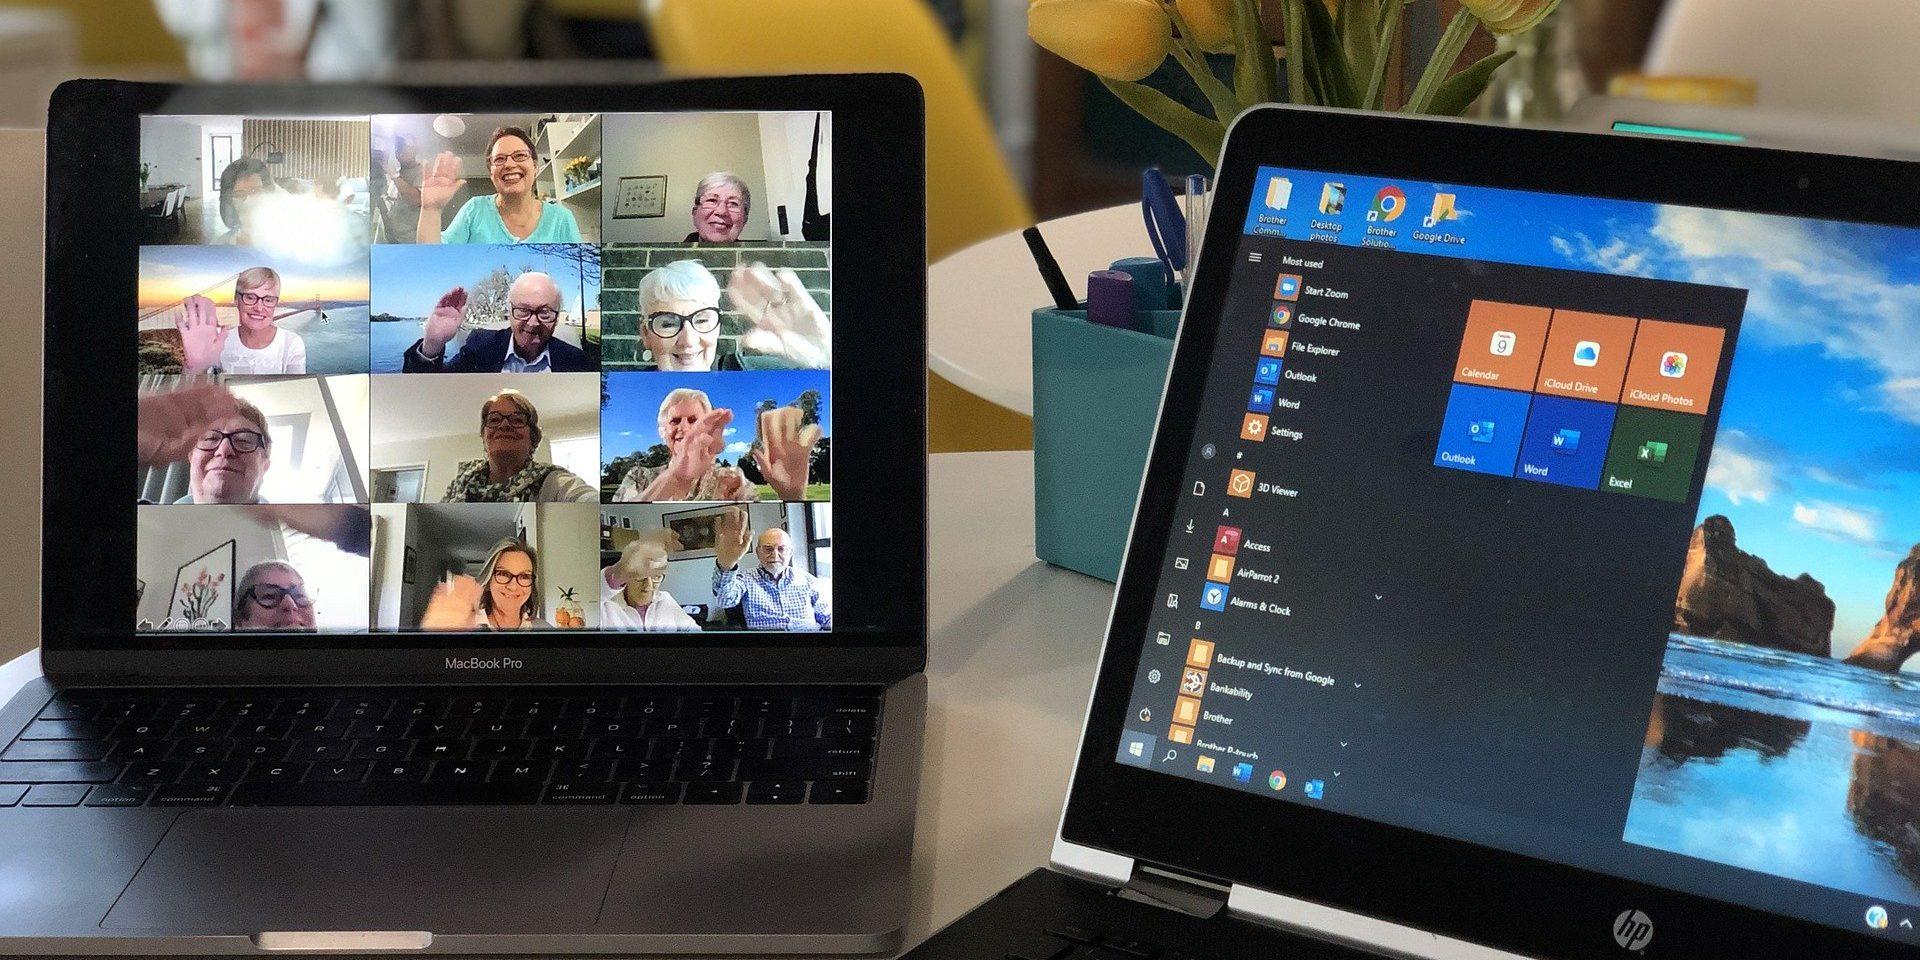 Zwei Laptops, auf einem läuft eine Videokonferenz mit mehreren Personen